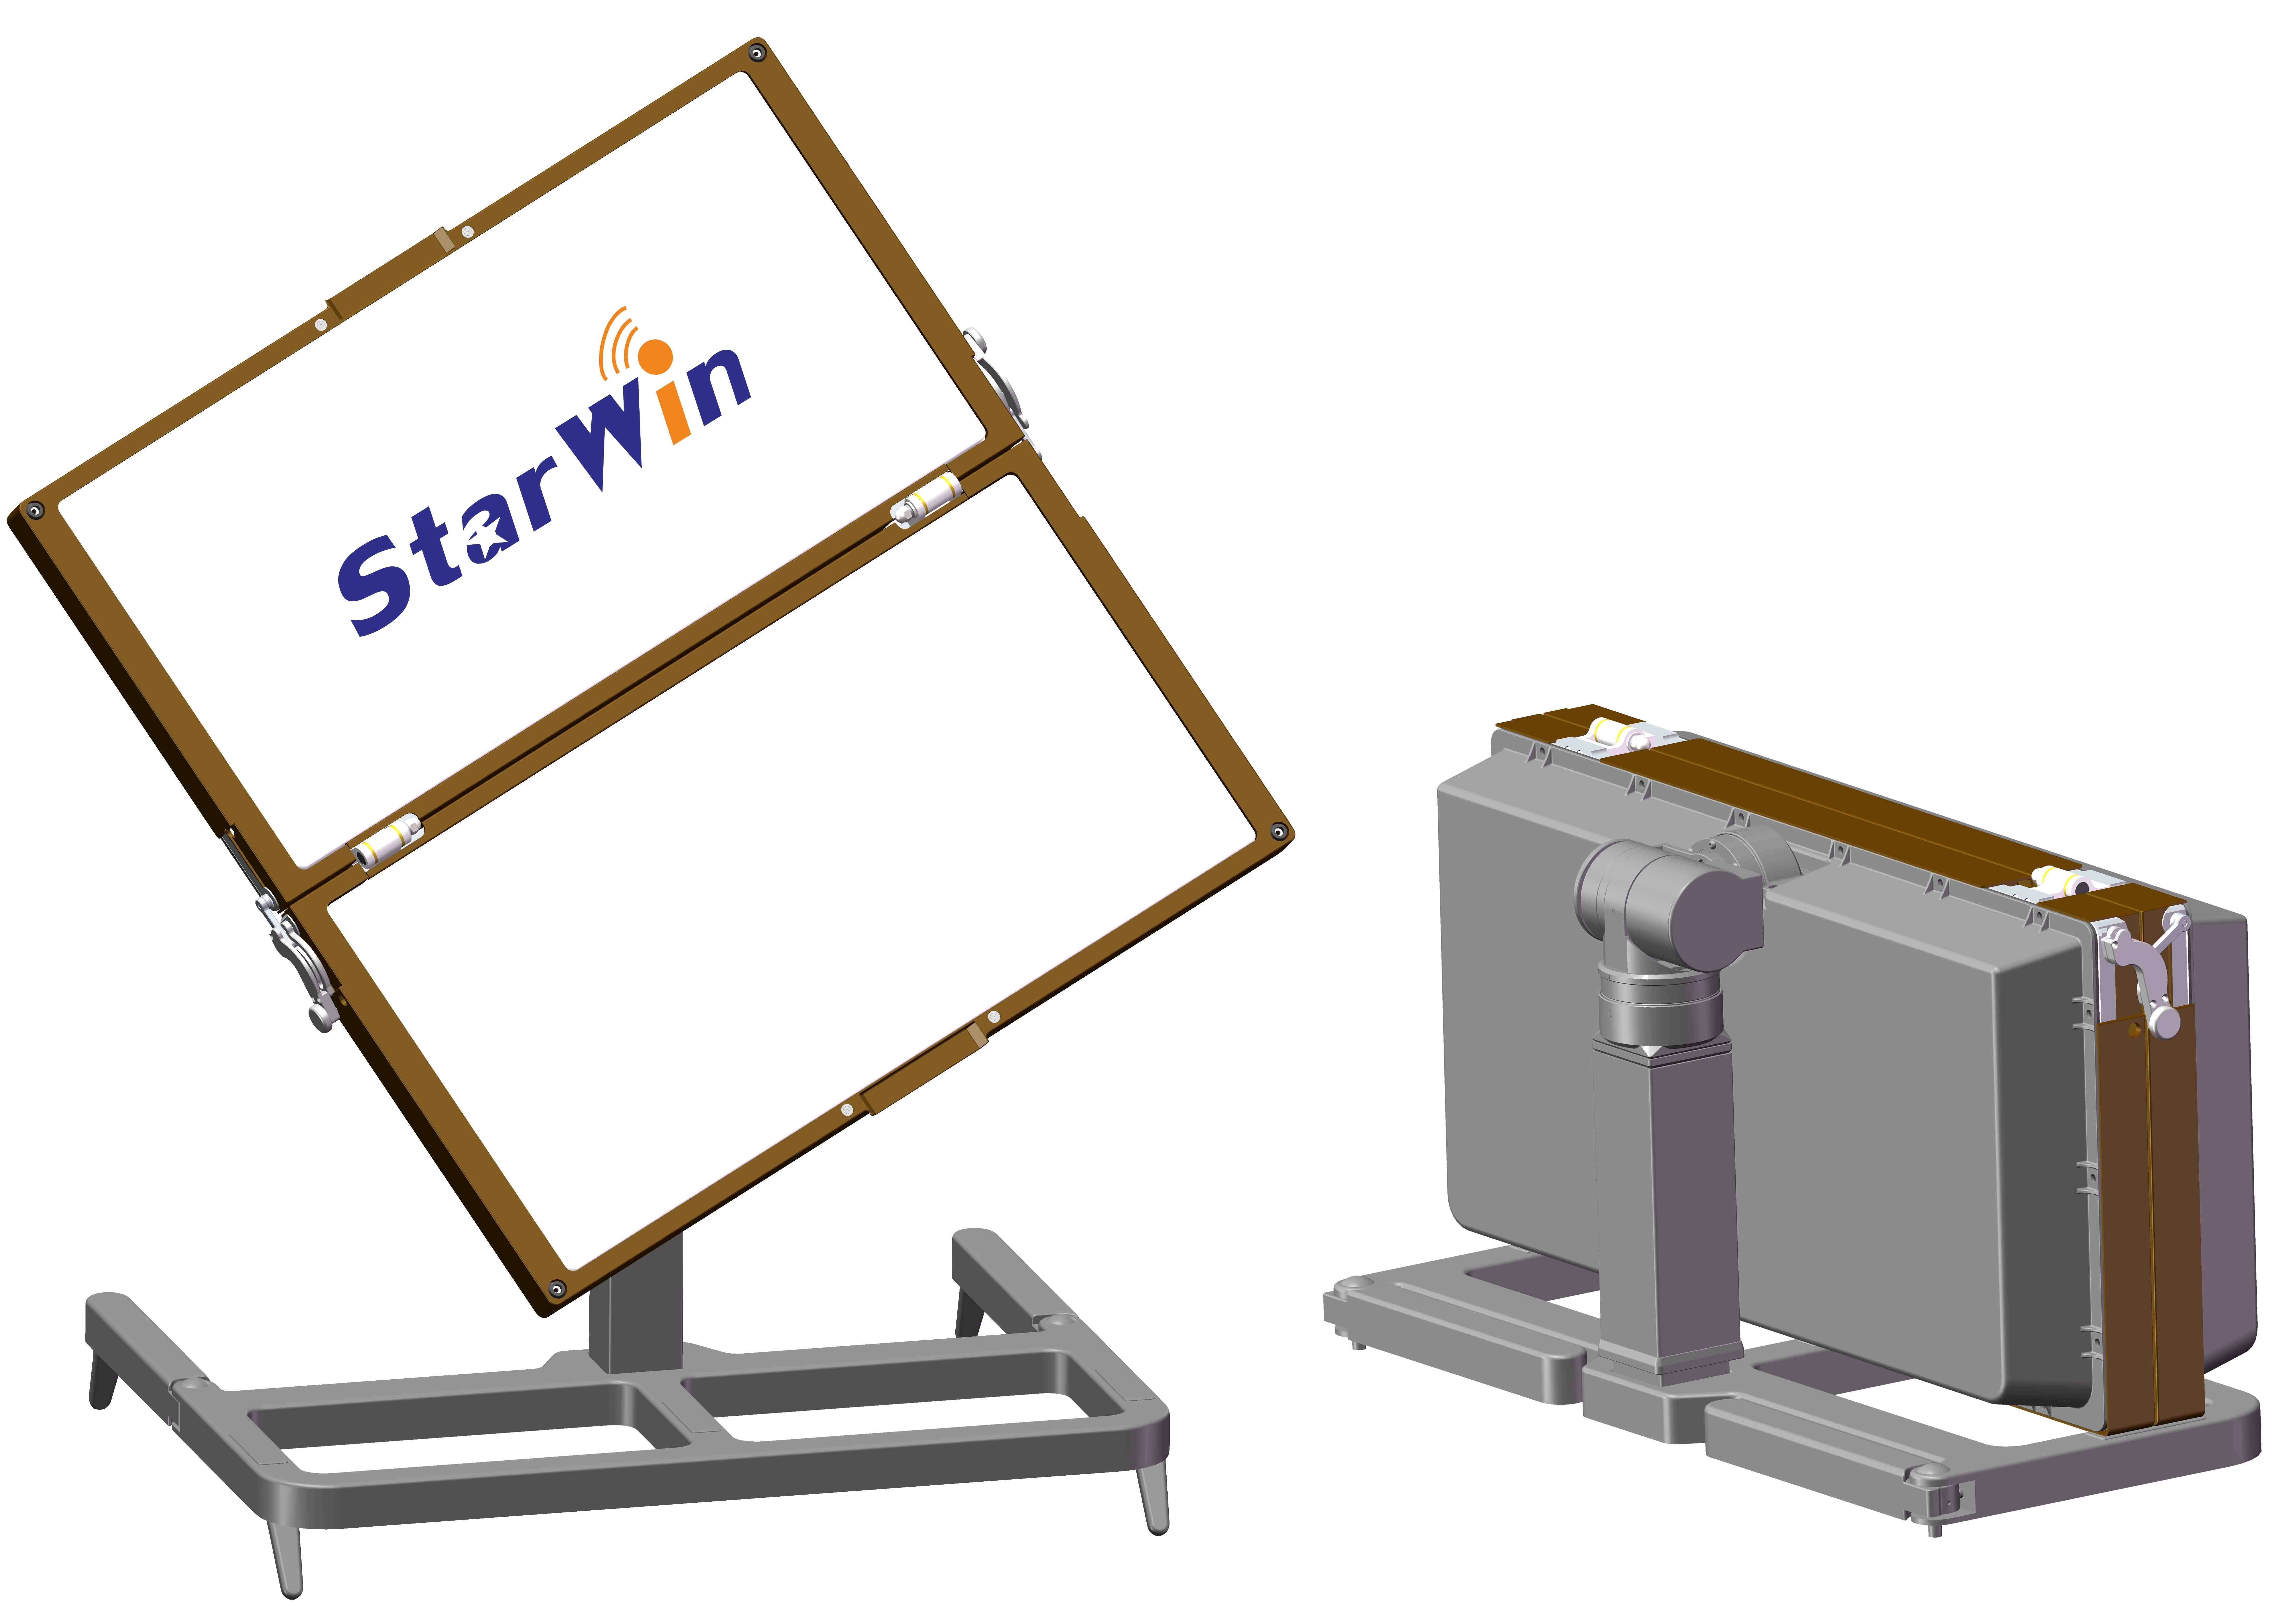 Starwin foldable Flat panel antenna